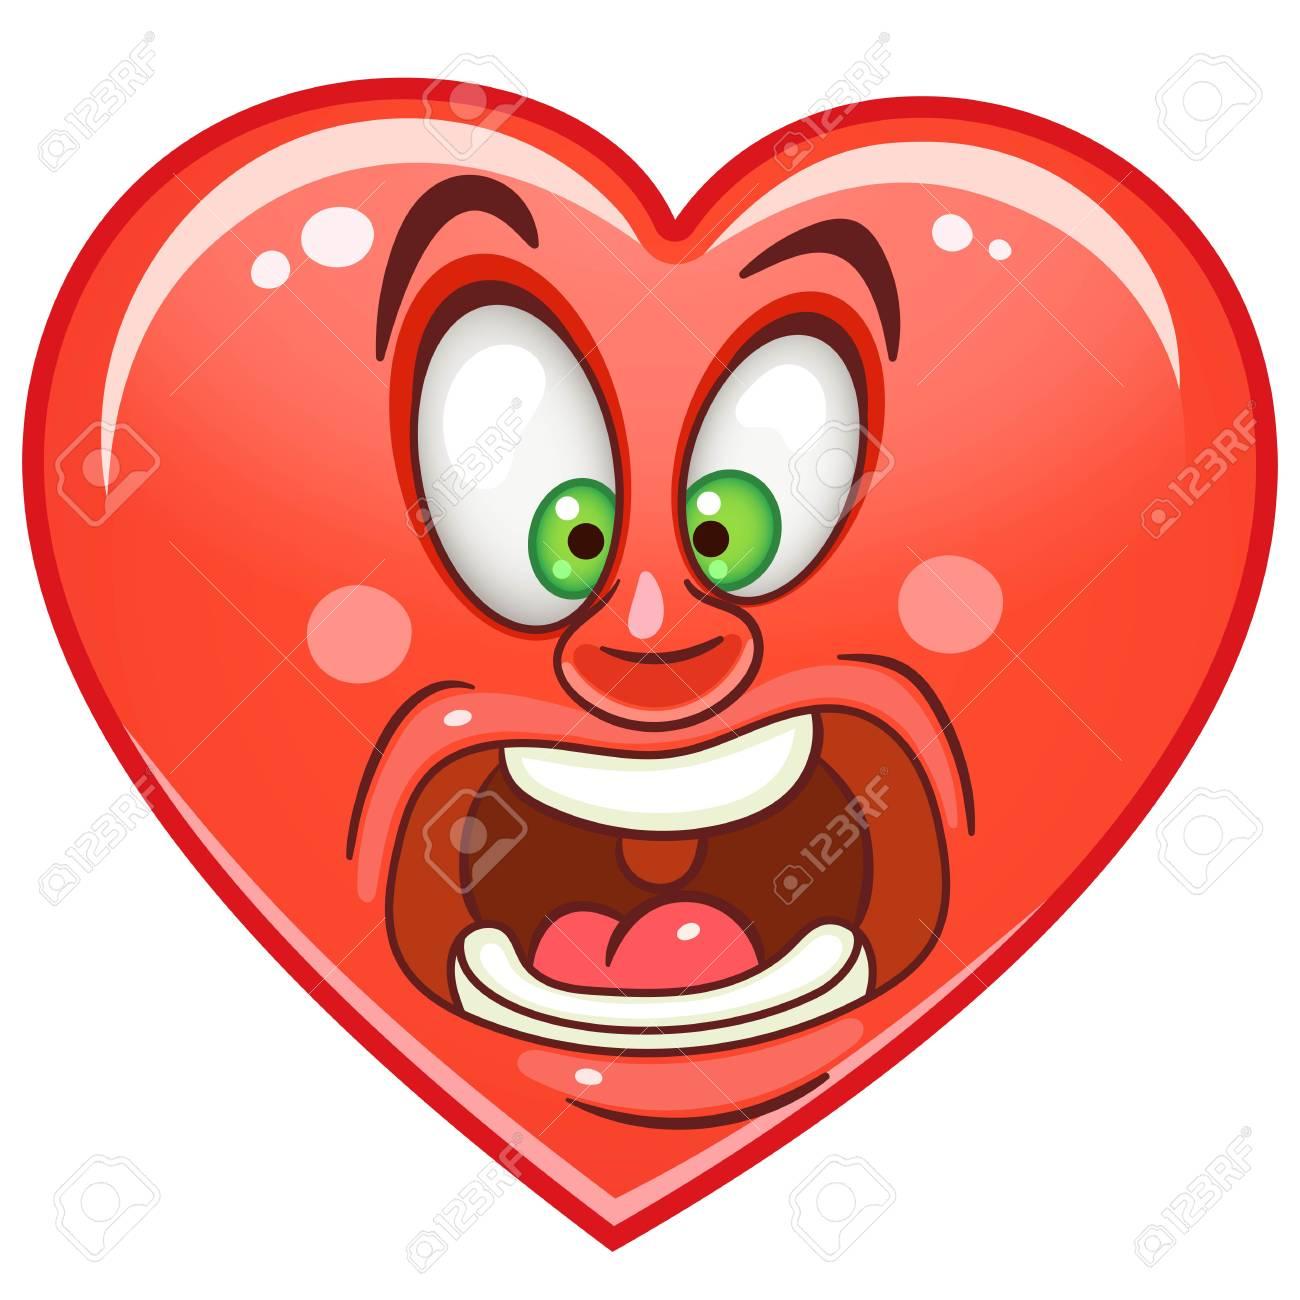 Cartoon red heart scream emoticon smiley emoji fear emotion cartoon red heart scream emoticon smiley emoji fear emotion symbol design biocorpaavc Gallery